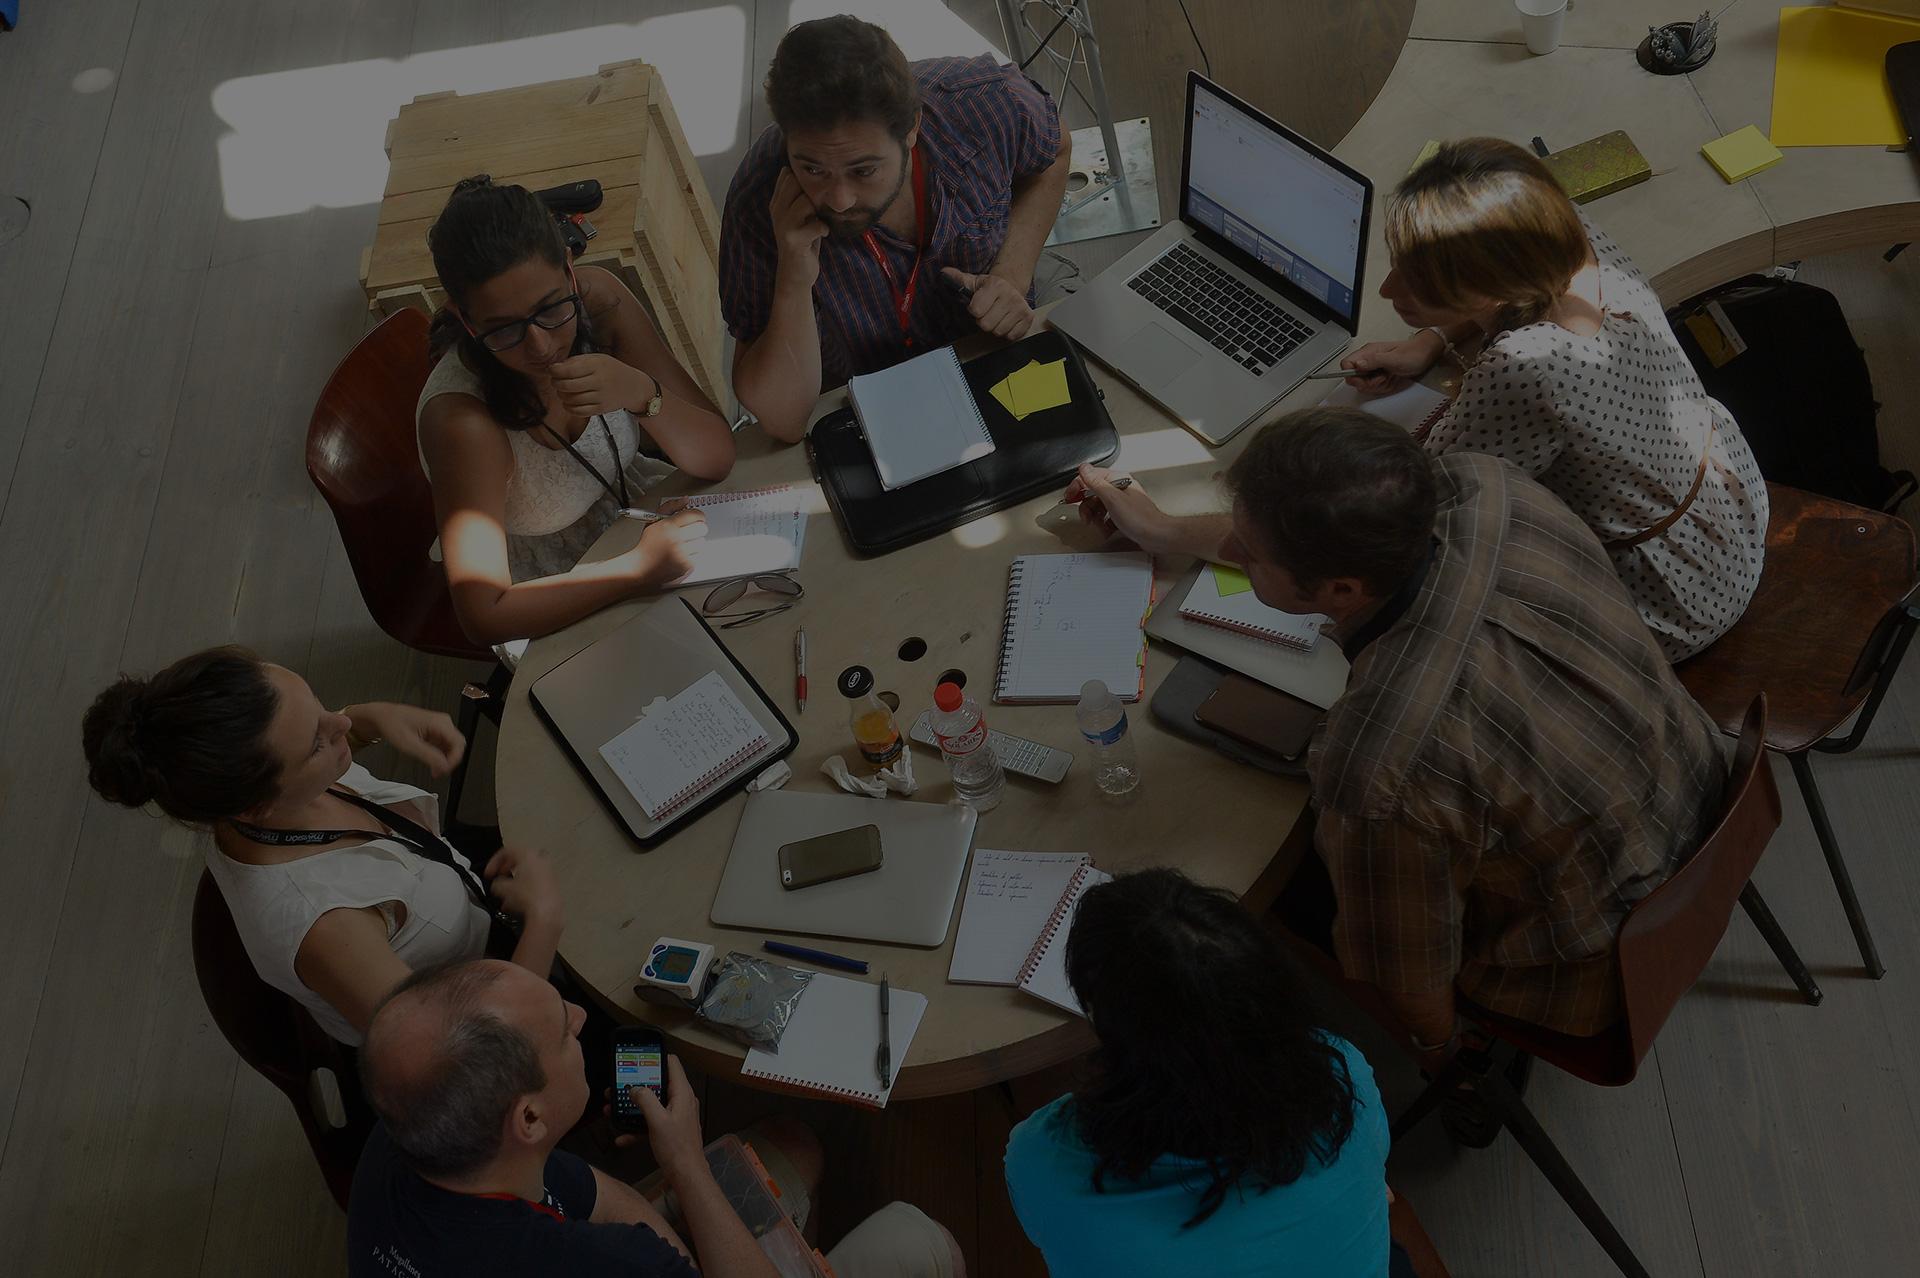 Un ecosistema multidisciplinar en torno a la innovación biomédica